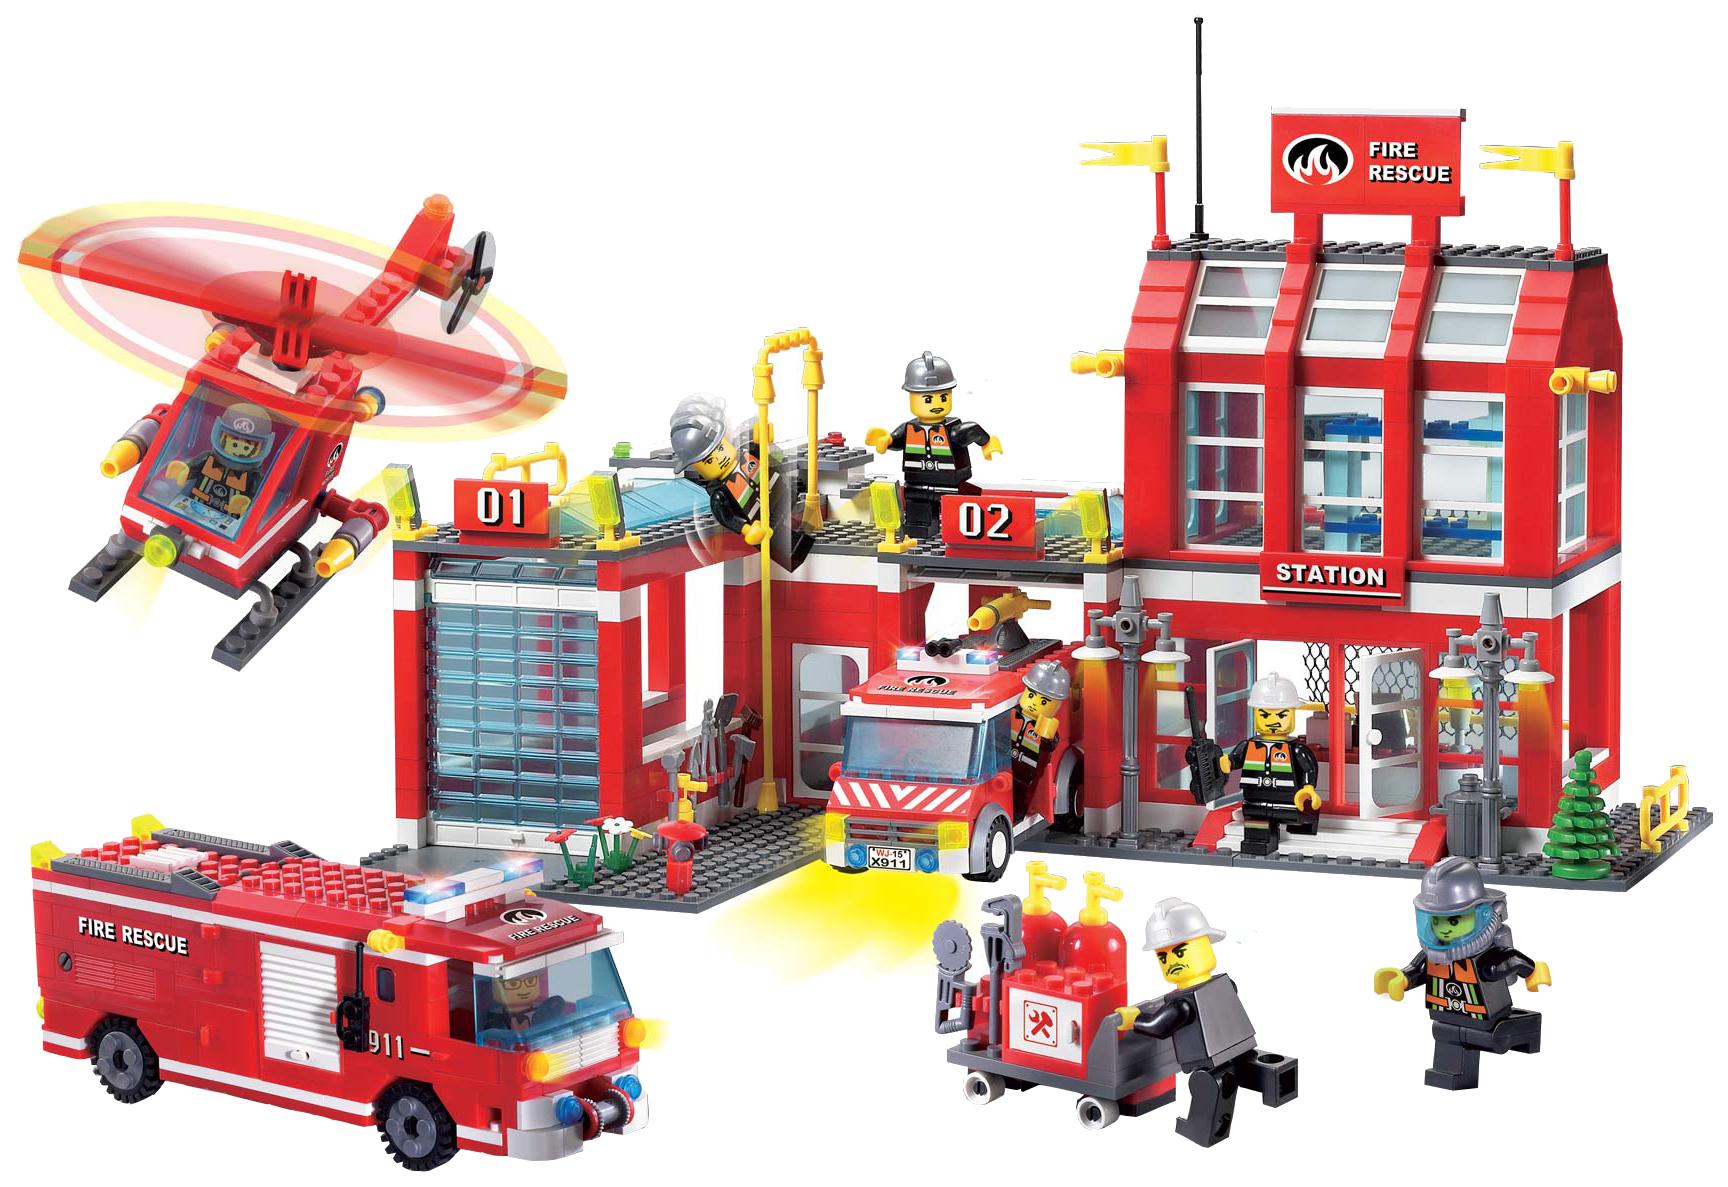 Купить Конструктор Brick Fire Rescue Пожарная станция, 980 деталей 911, Конструкторы пластмассовые